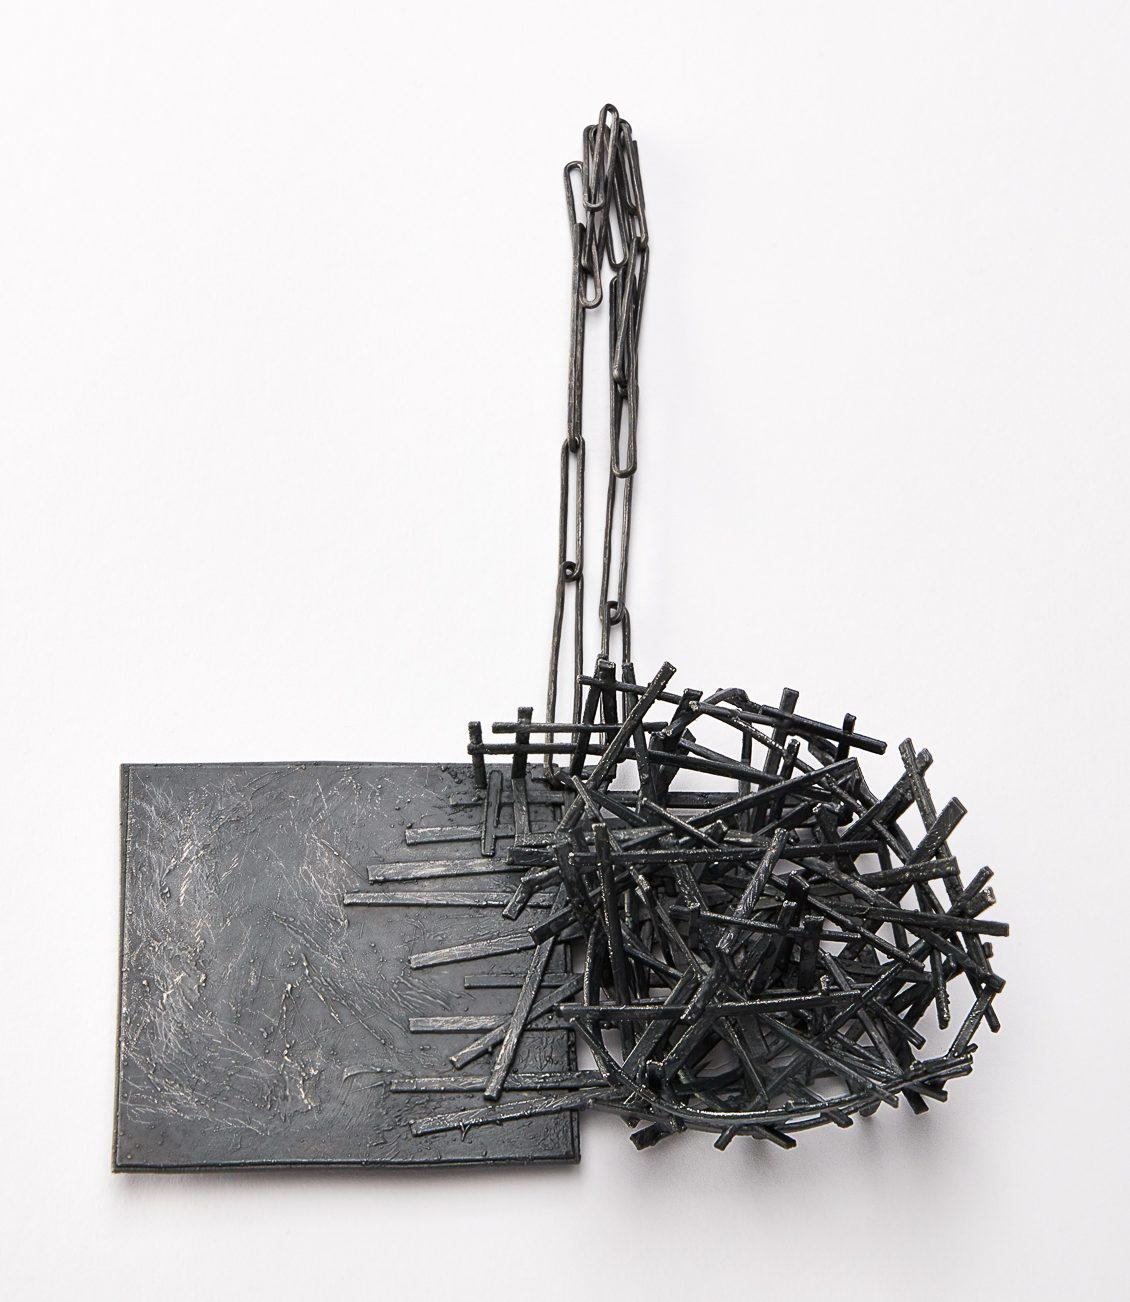 Iris Bodemer, Juxtaposition 1, halssieraad, 2019. Foto Nicole Eberwein, zilver, thermoplast